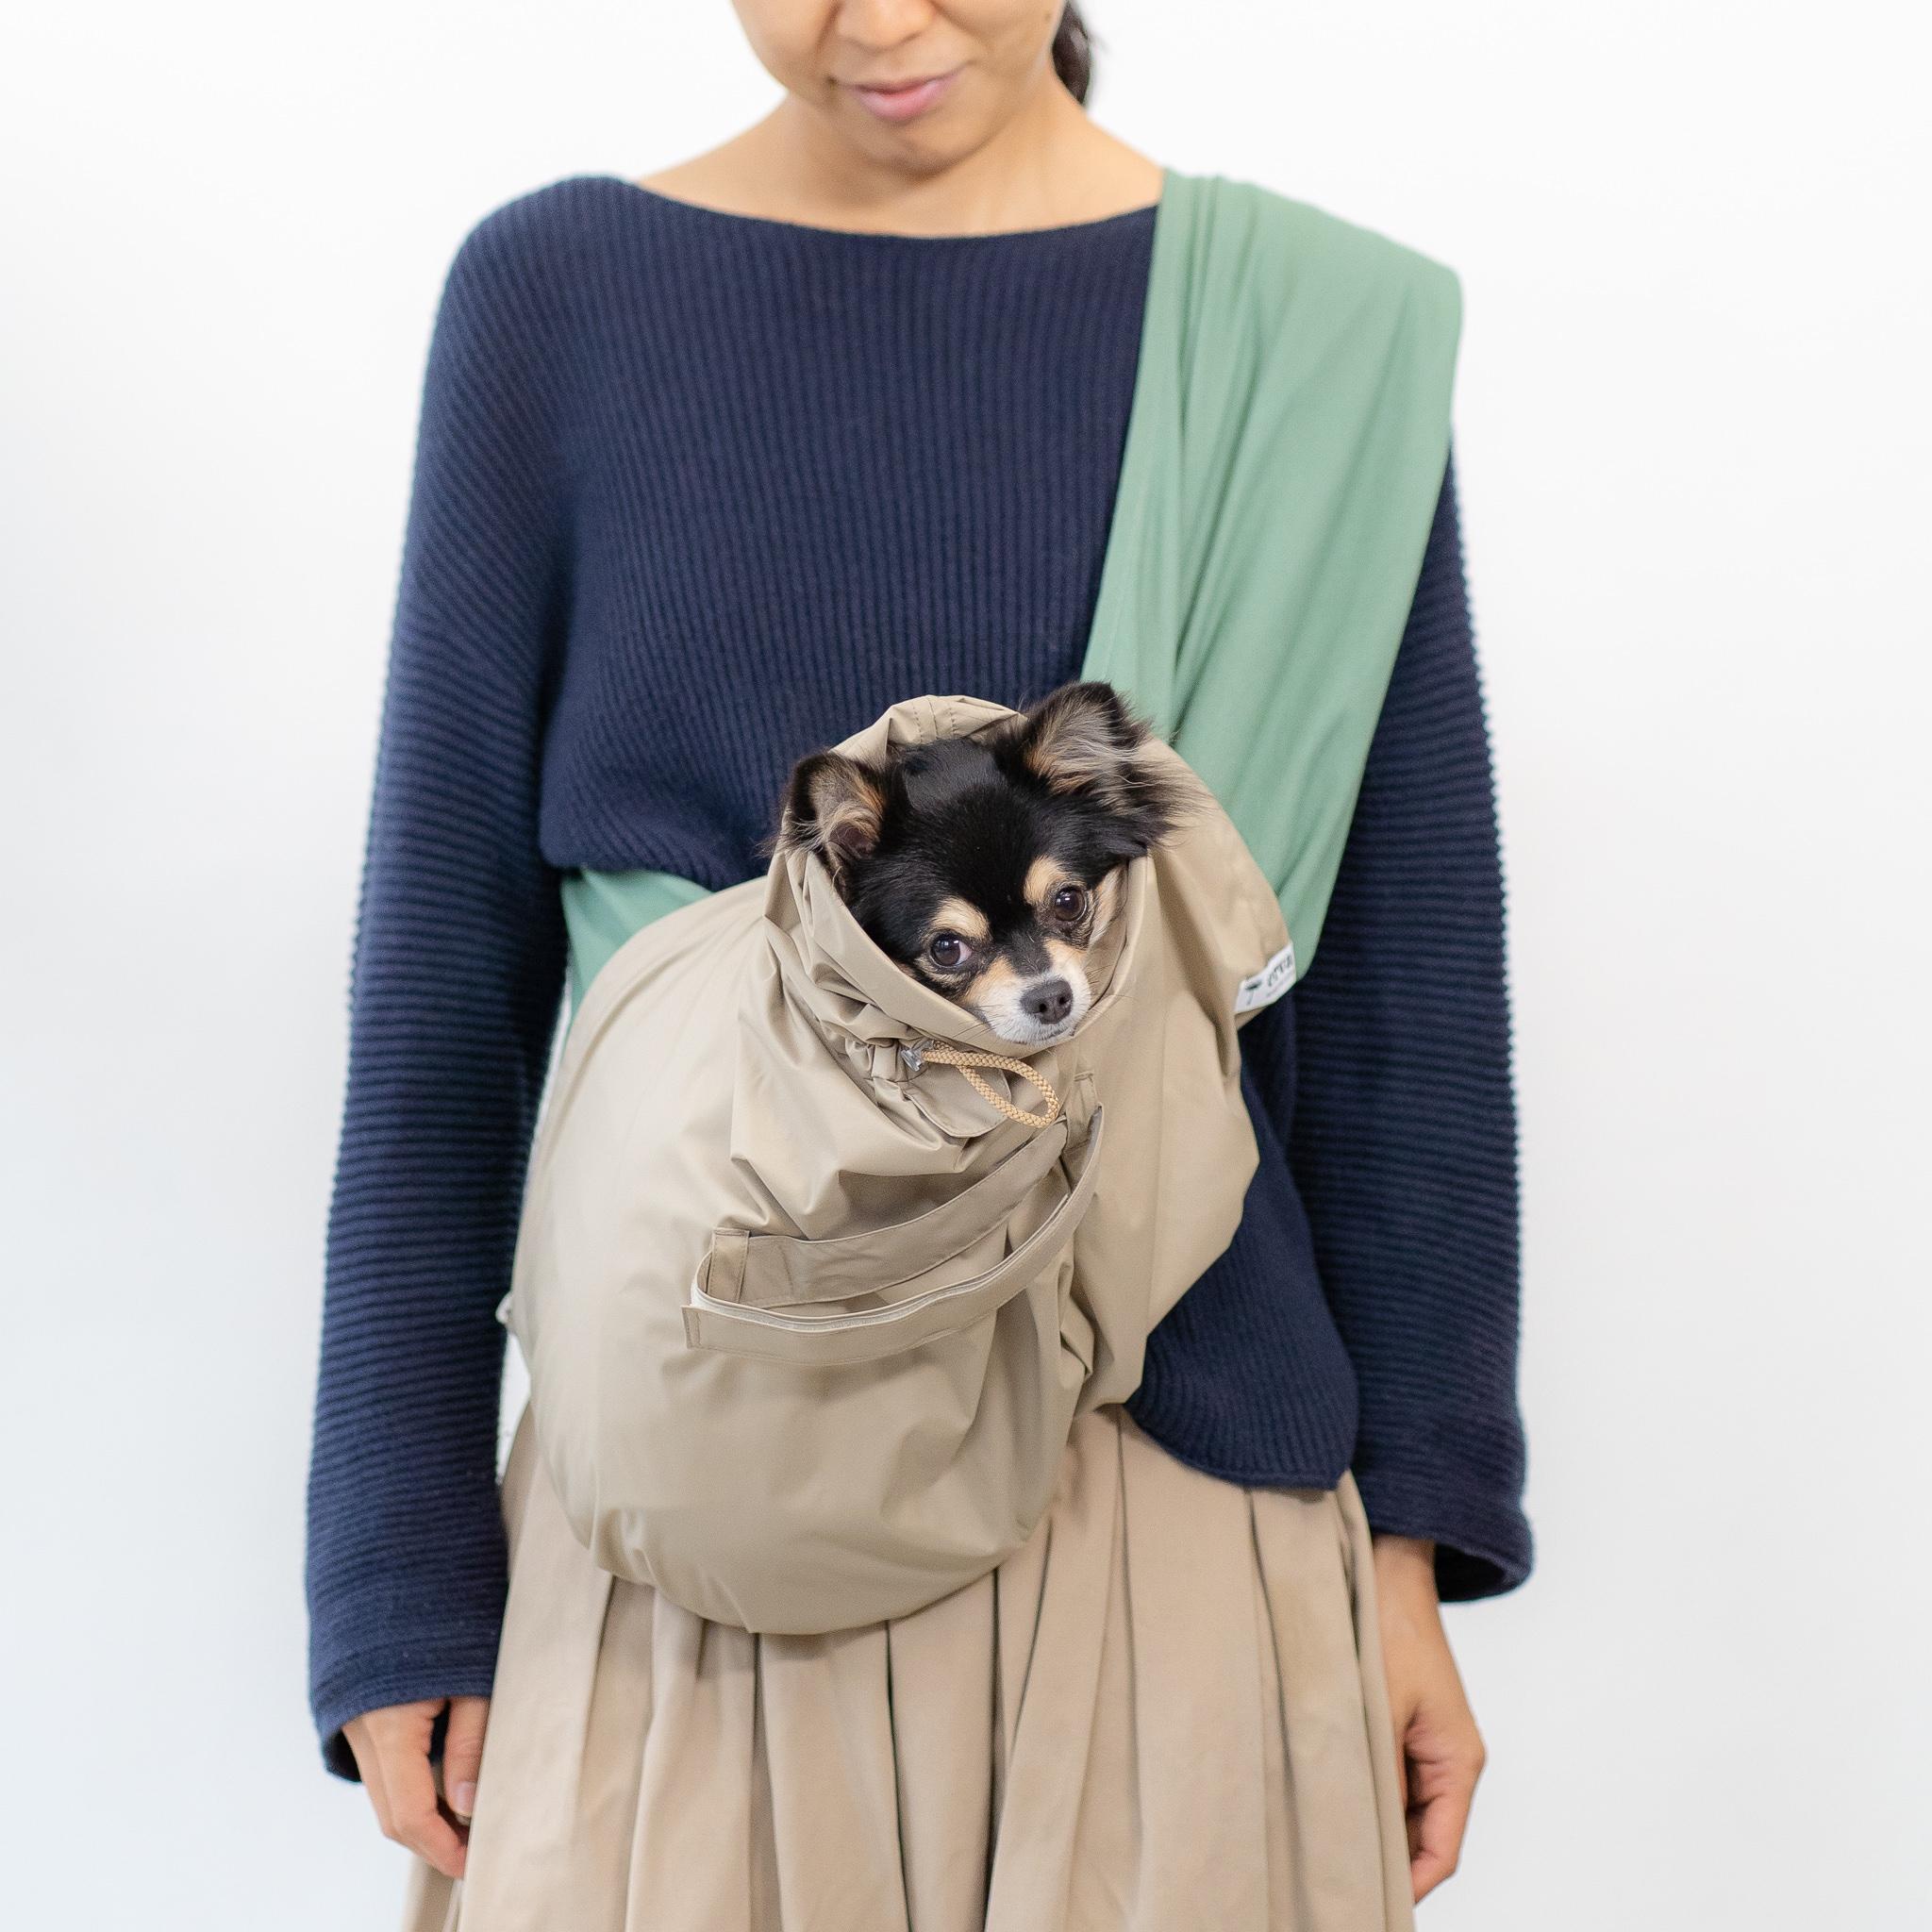 犬用レインカバーのサイズ比較-ドッグスリングのサイズM